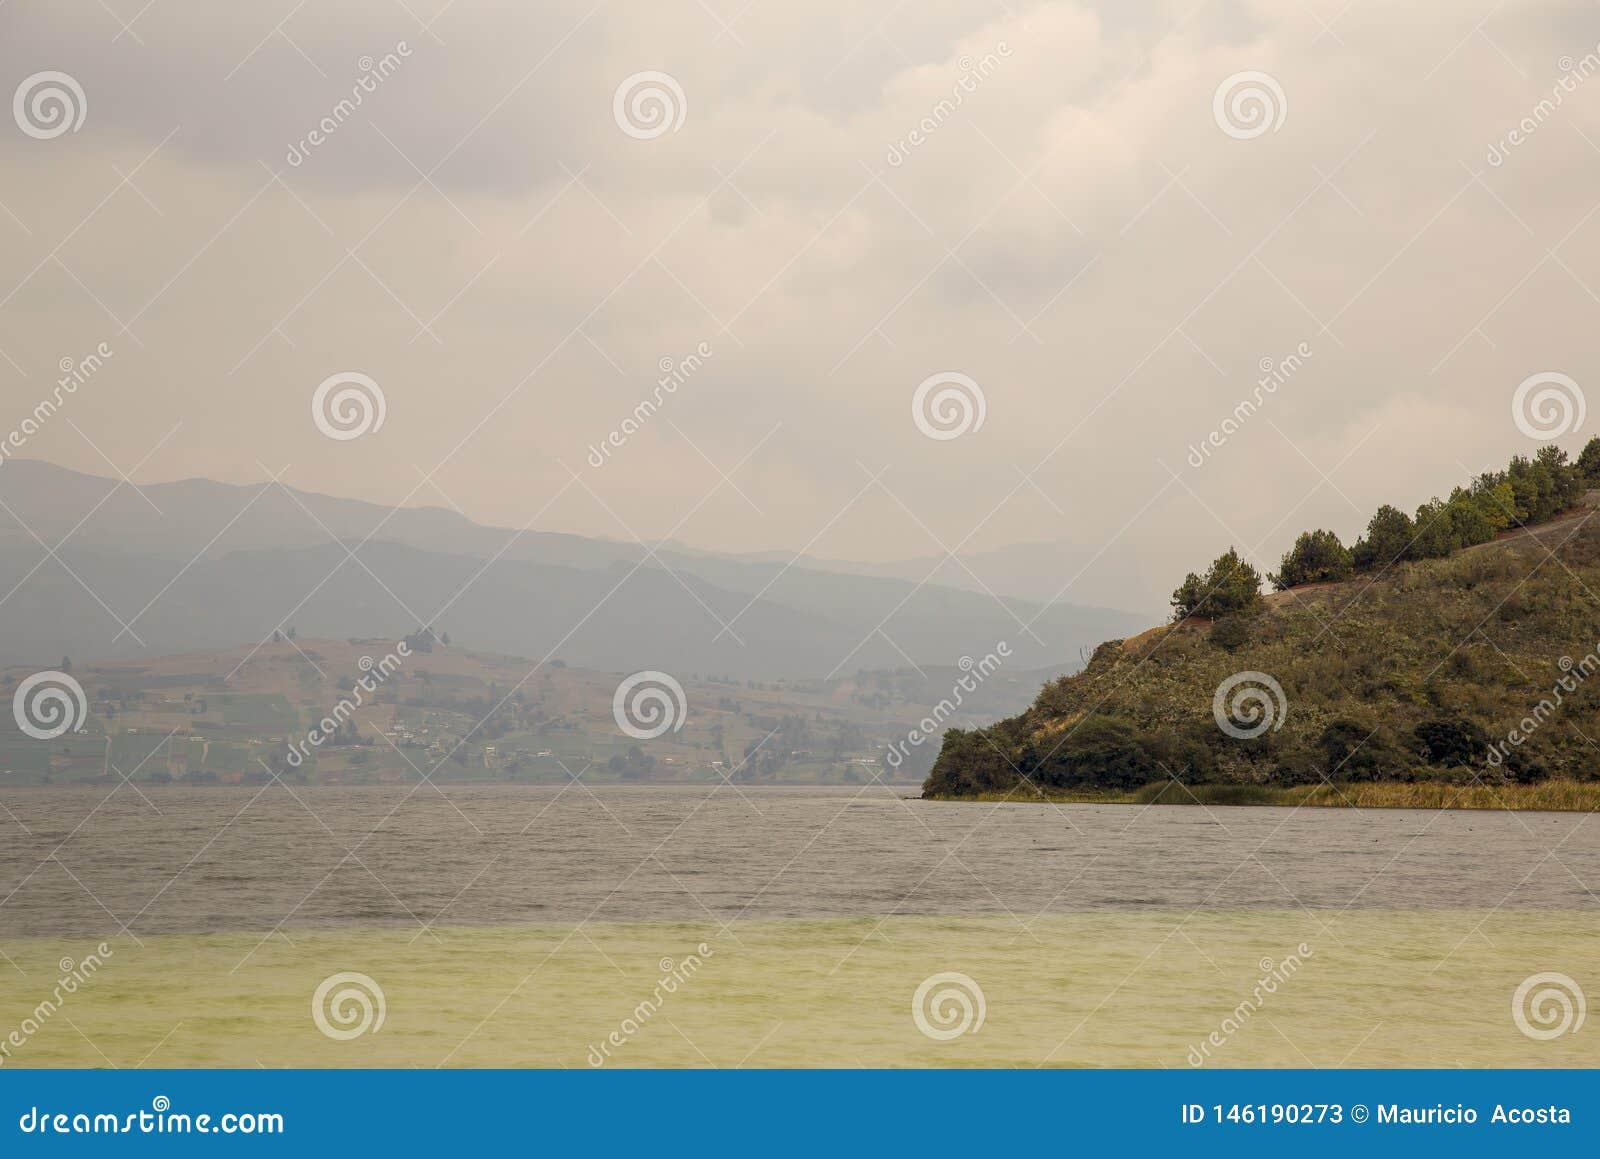 Partisk sikt av sjön Tota